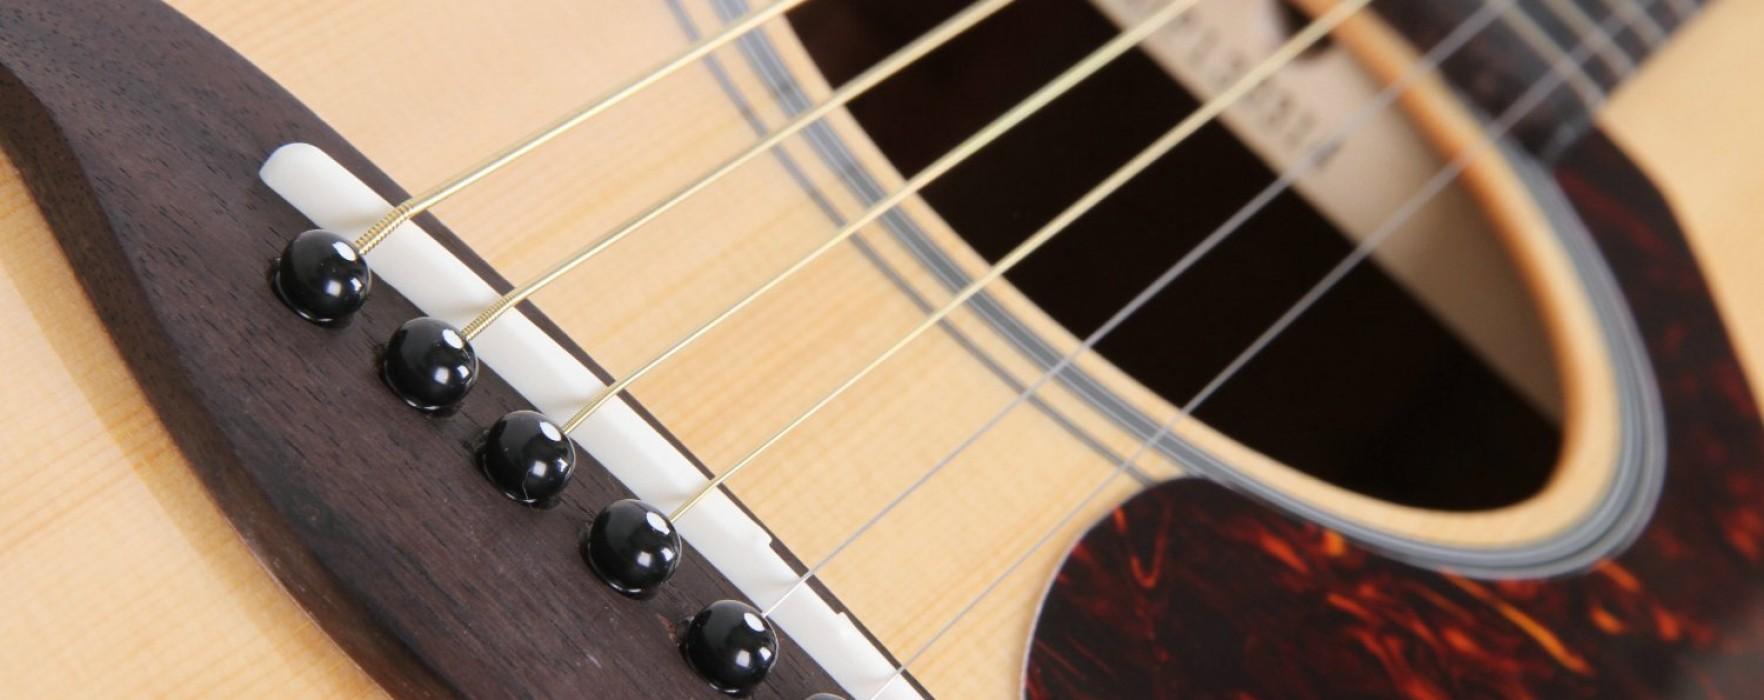 Yamaha fg700s Folk Guitar